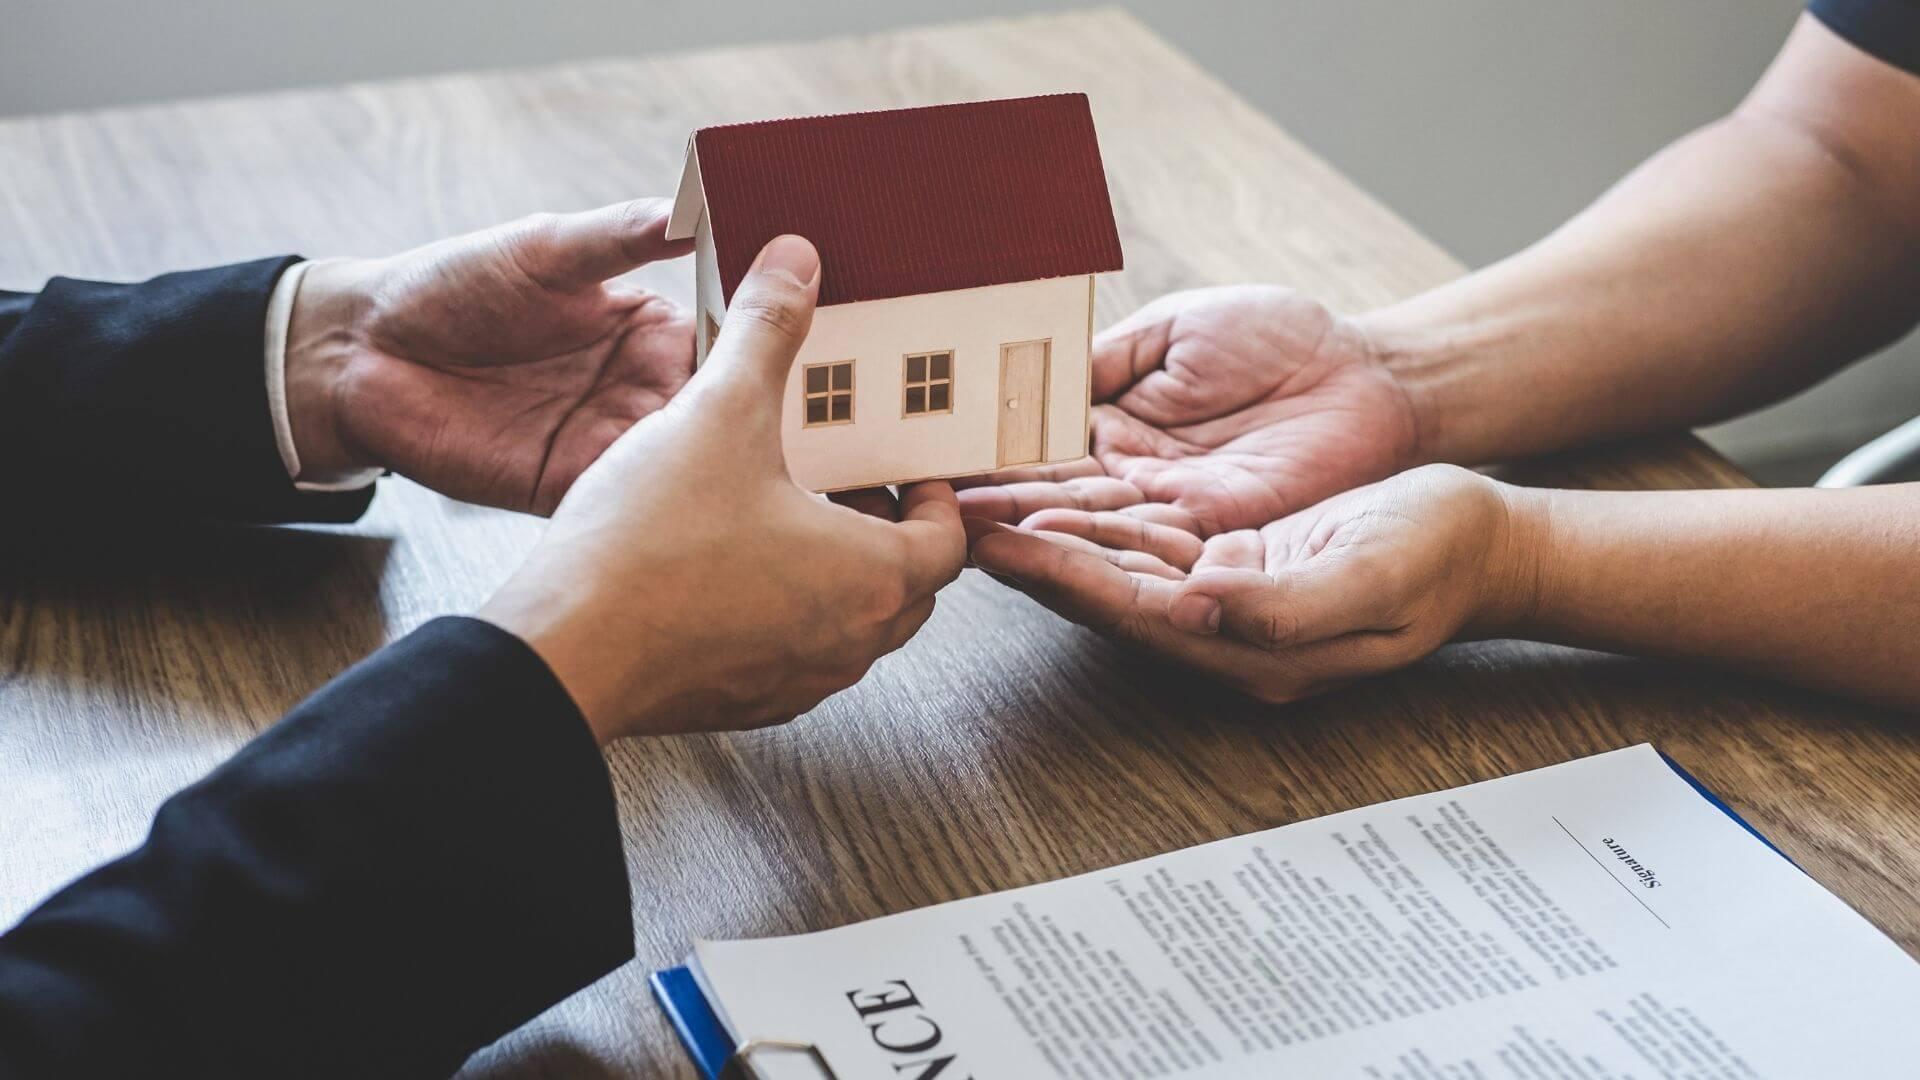 negociação imobiliária